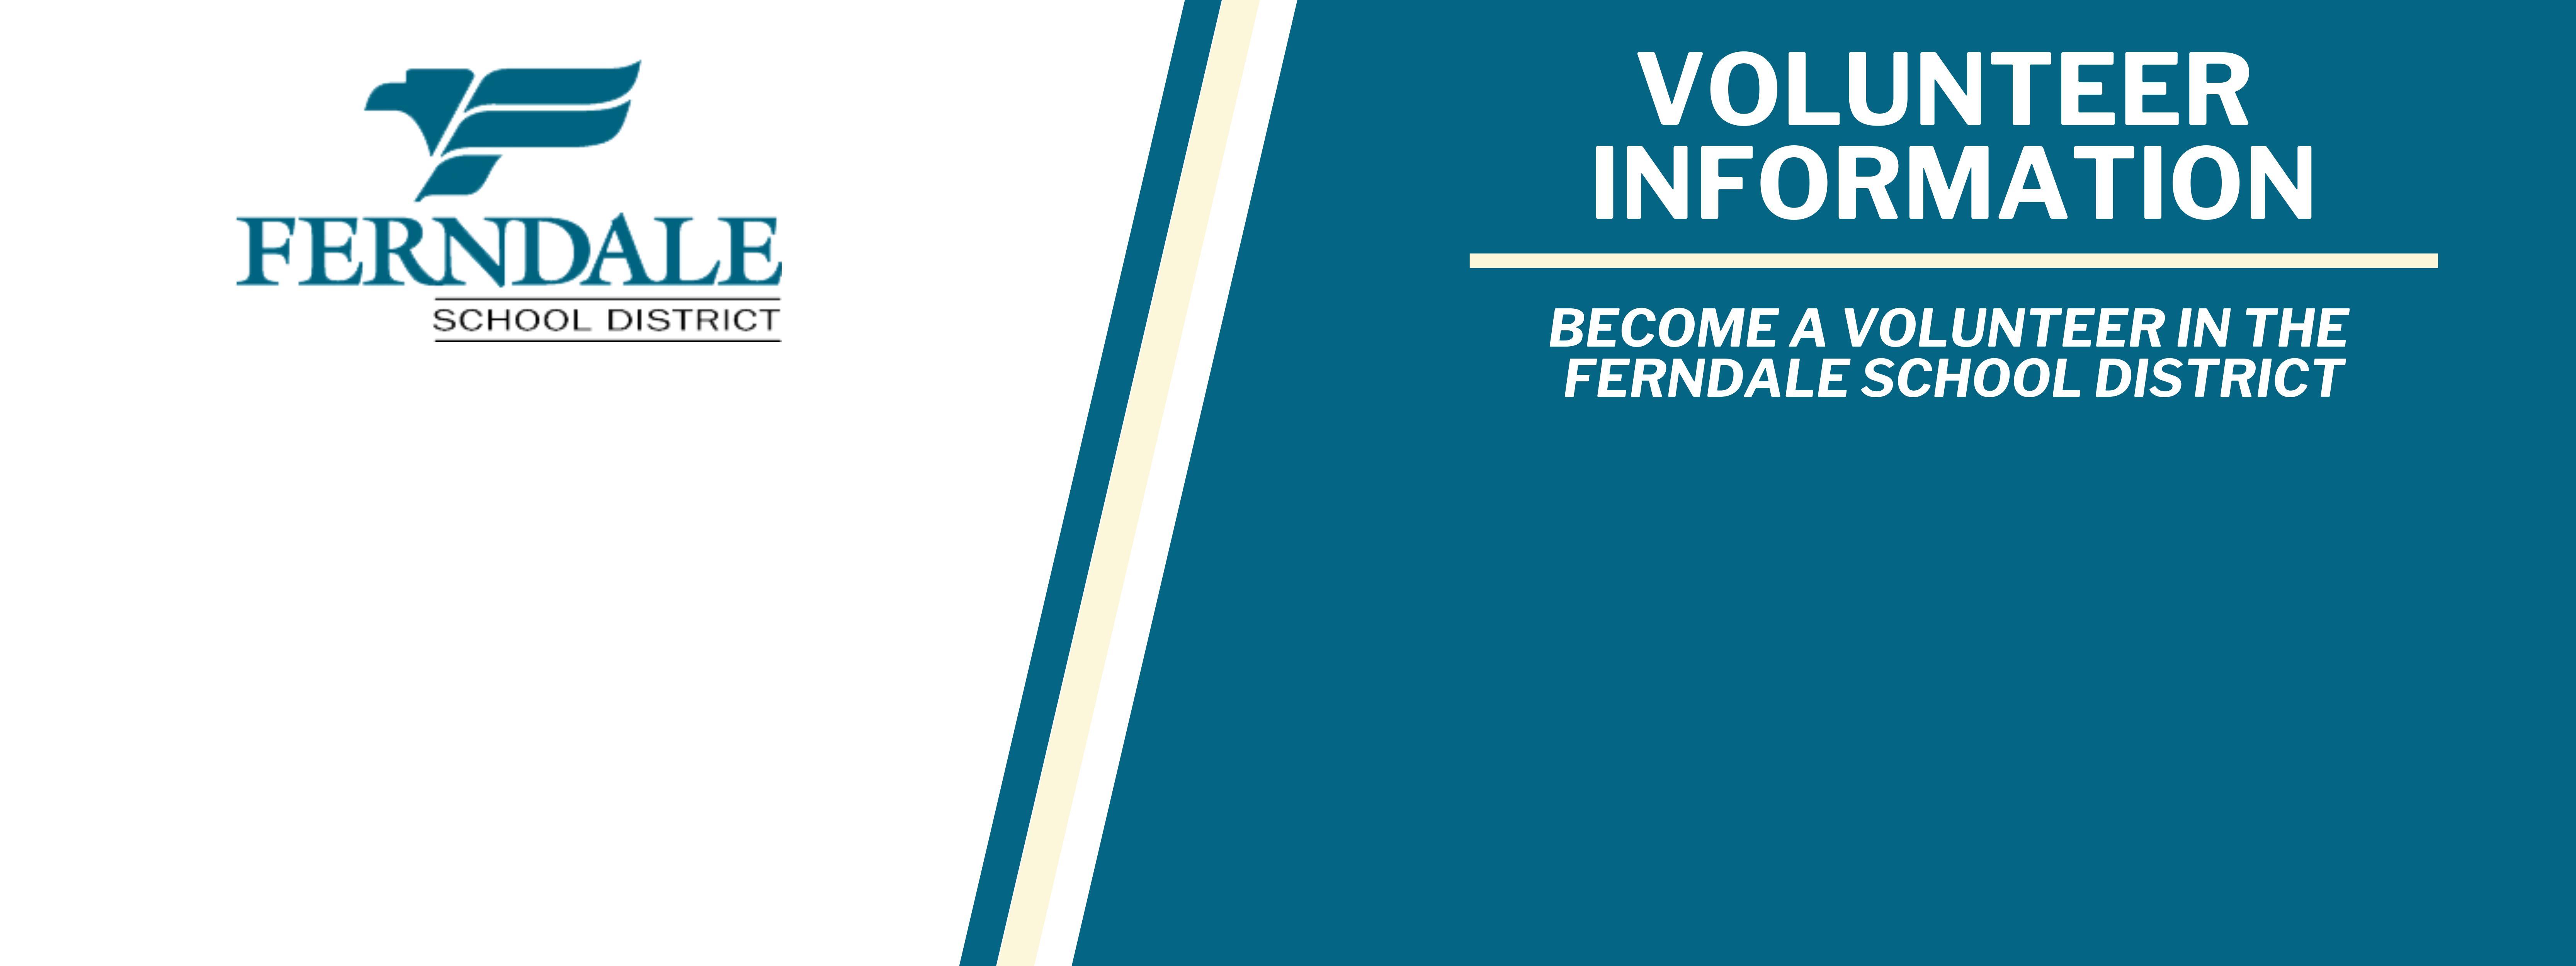 Volunteer Information Graphic